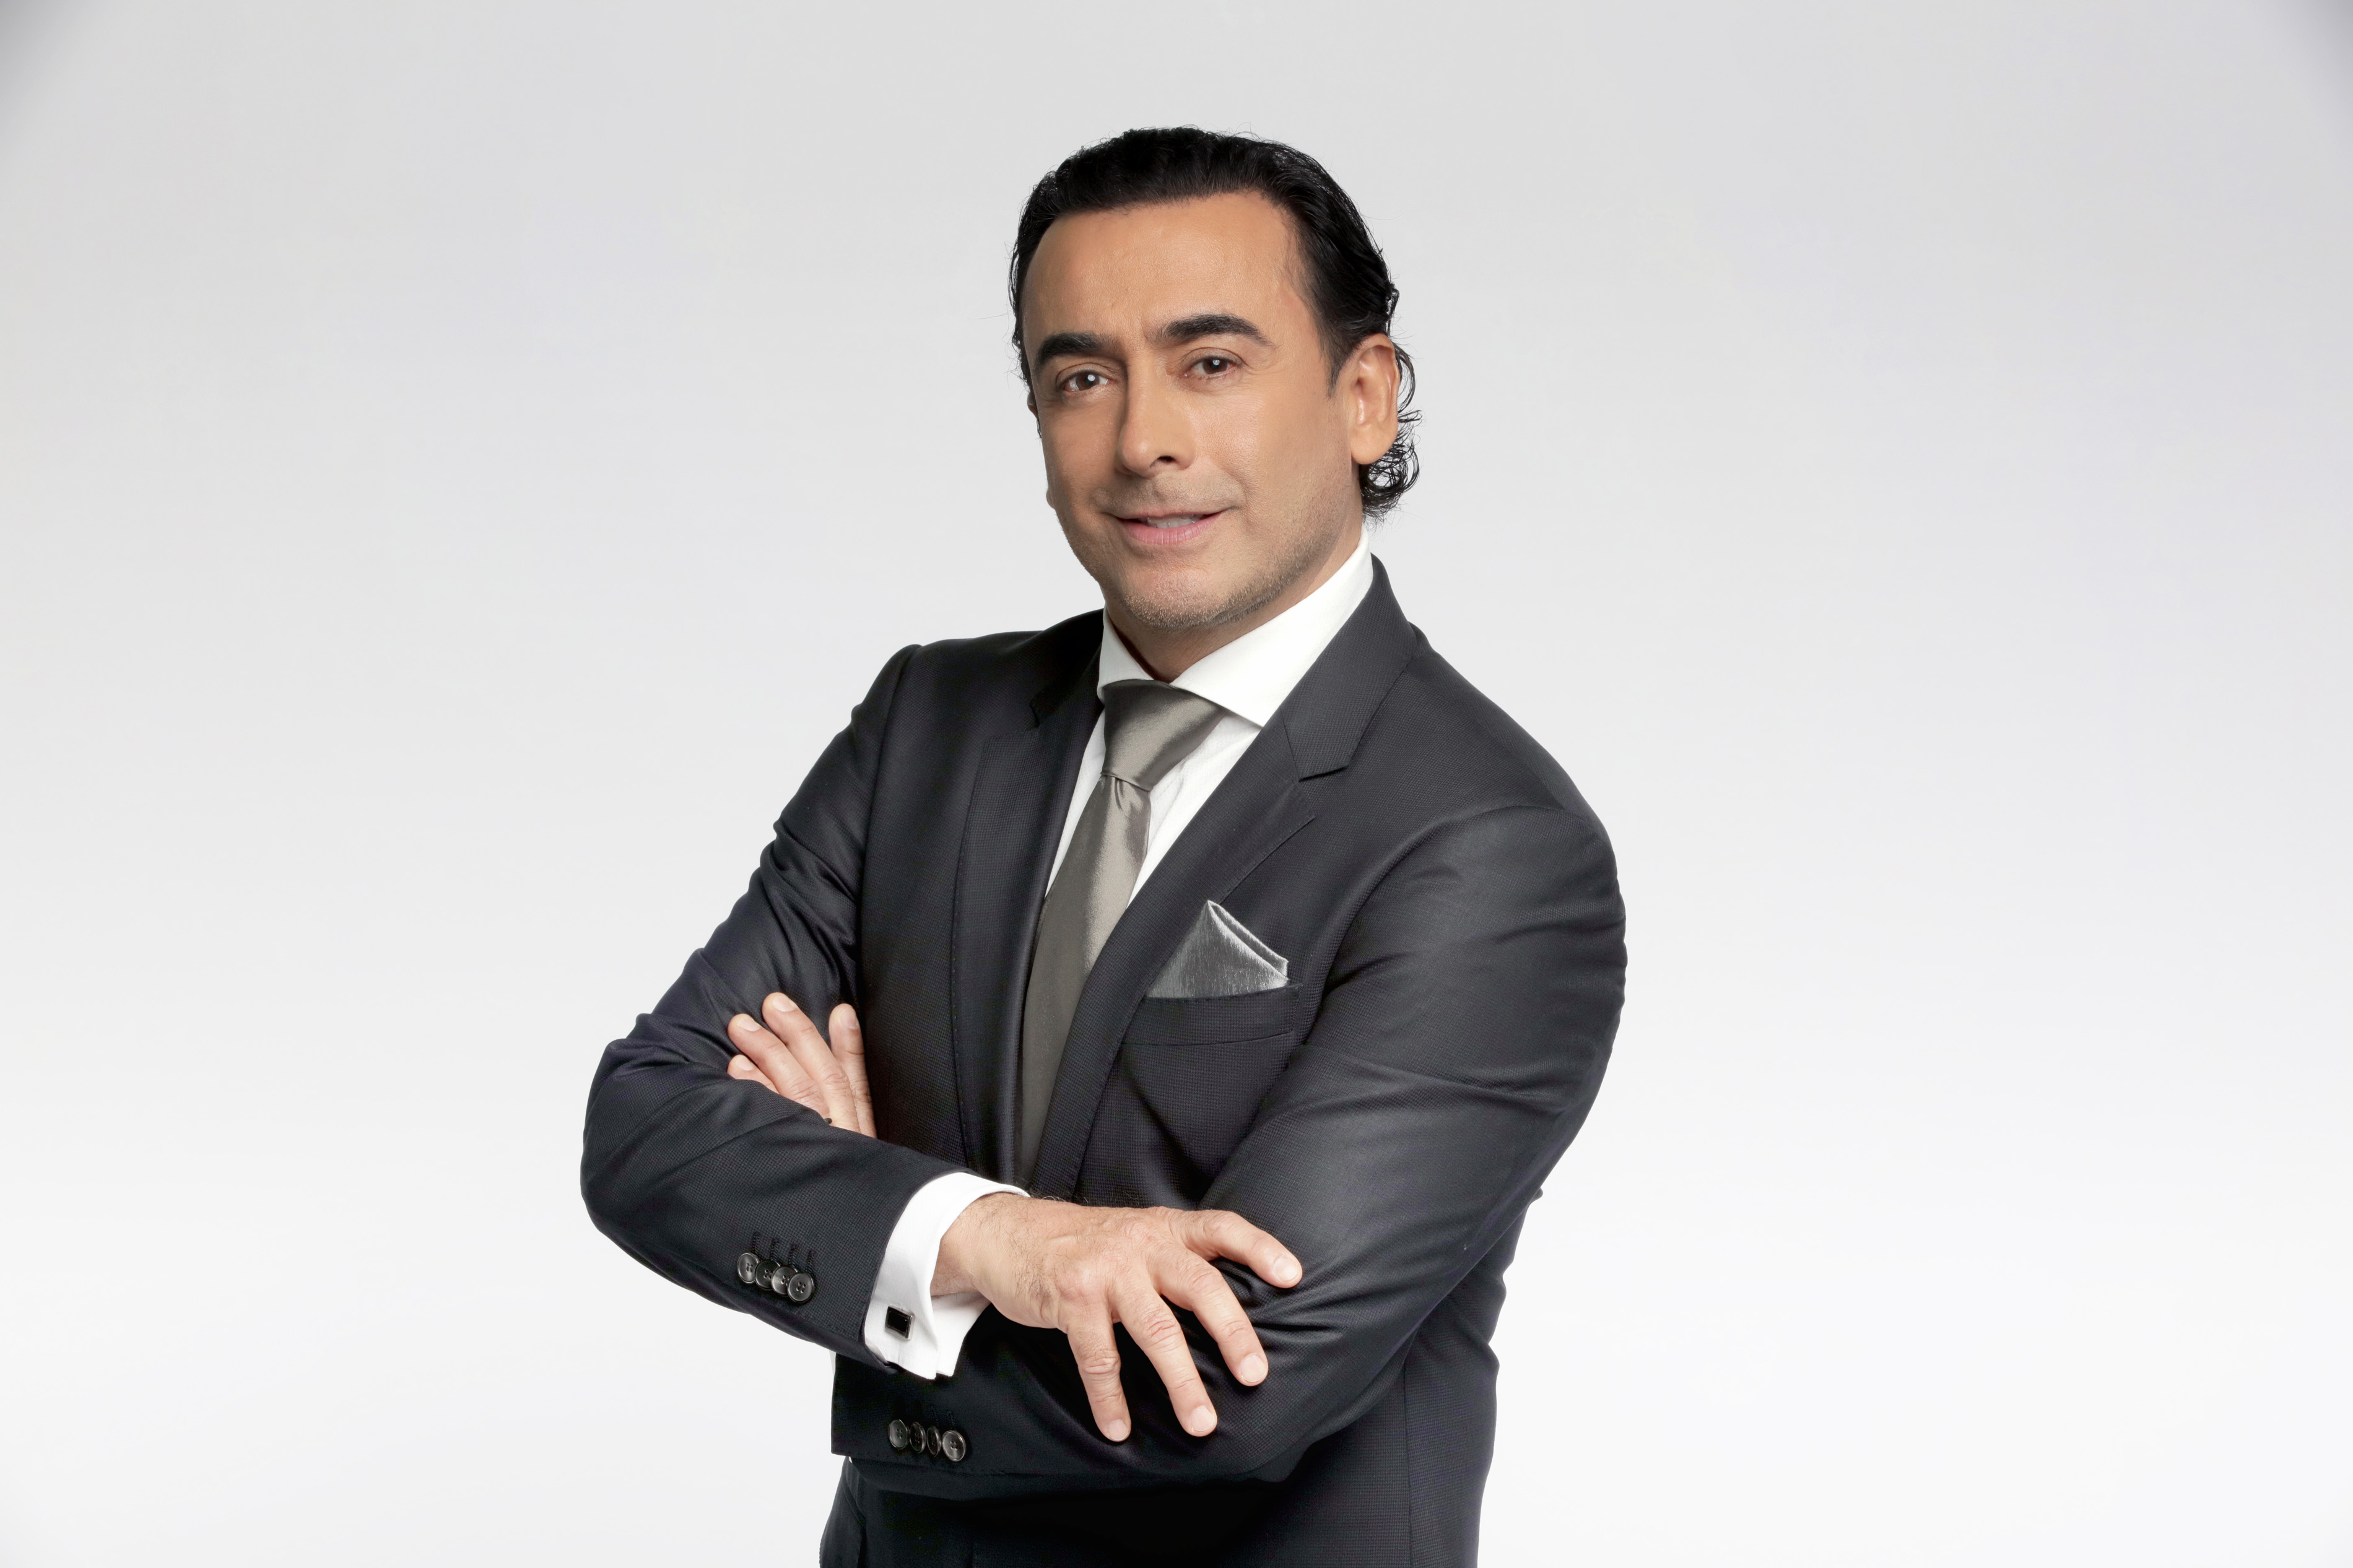 """El exitoso programa televisivo Don't """"No lo hagas"""" llega a México a partir de septiembre"""